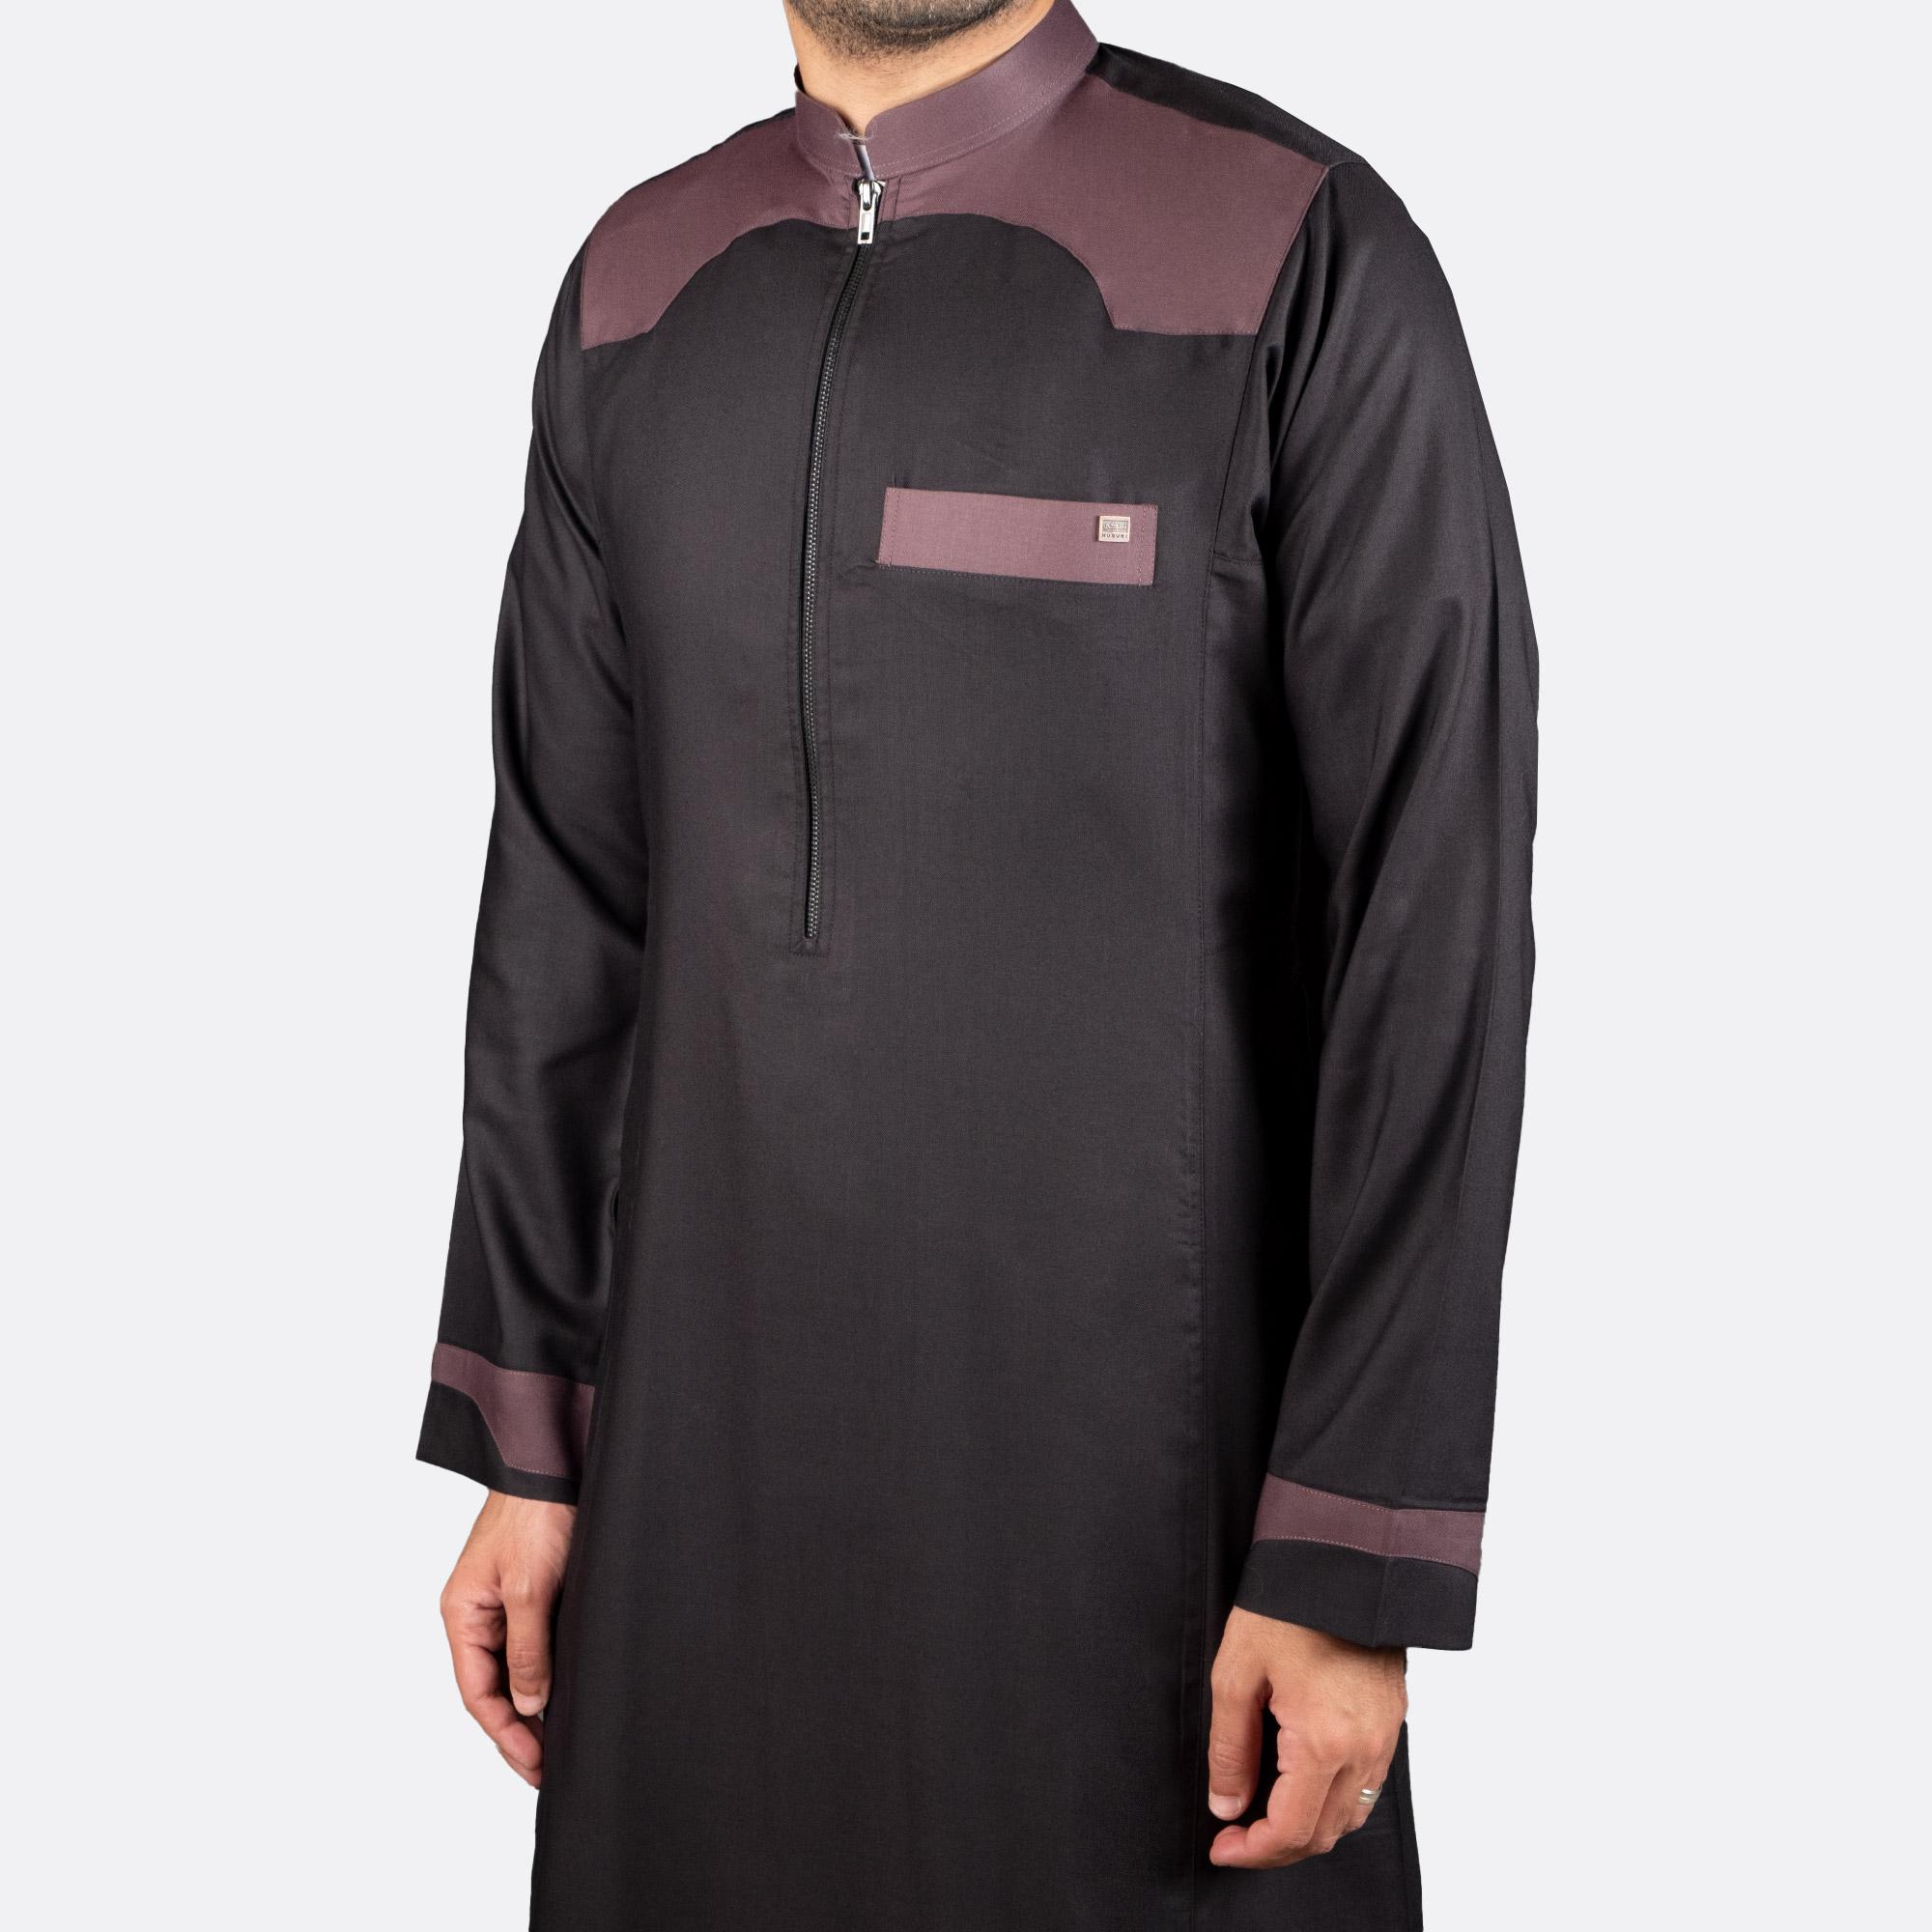 الثوب عصري كاجوال اللون البني